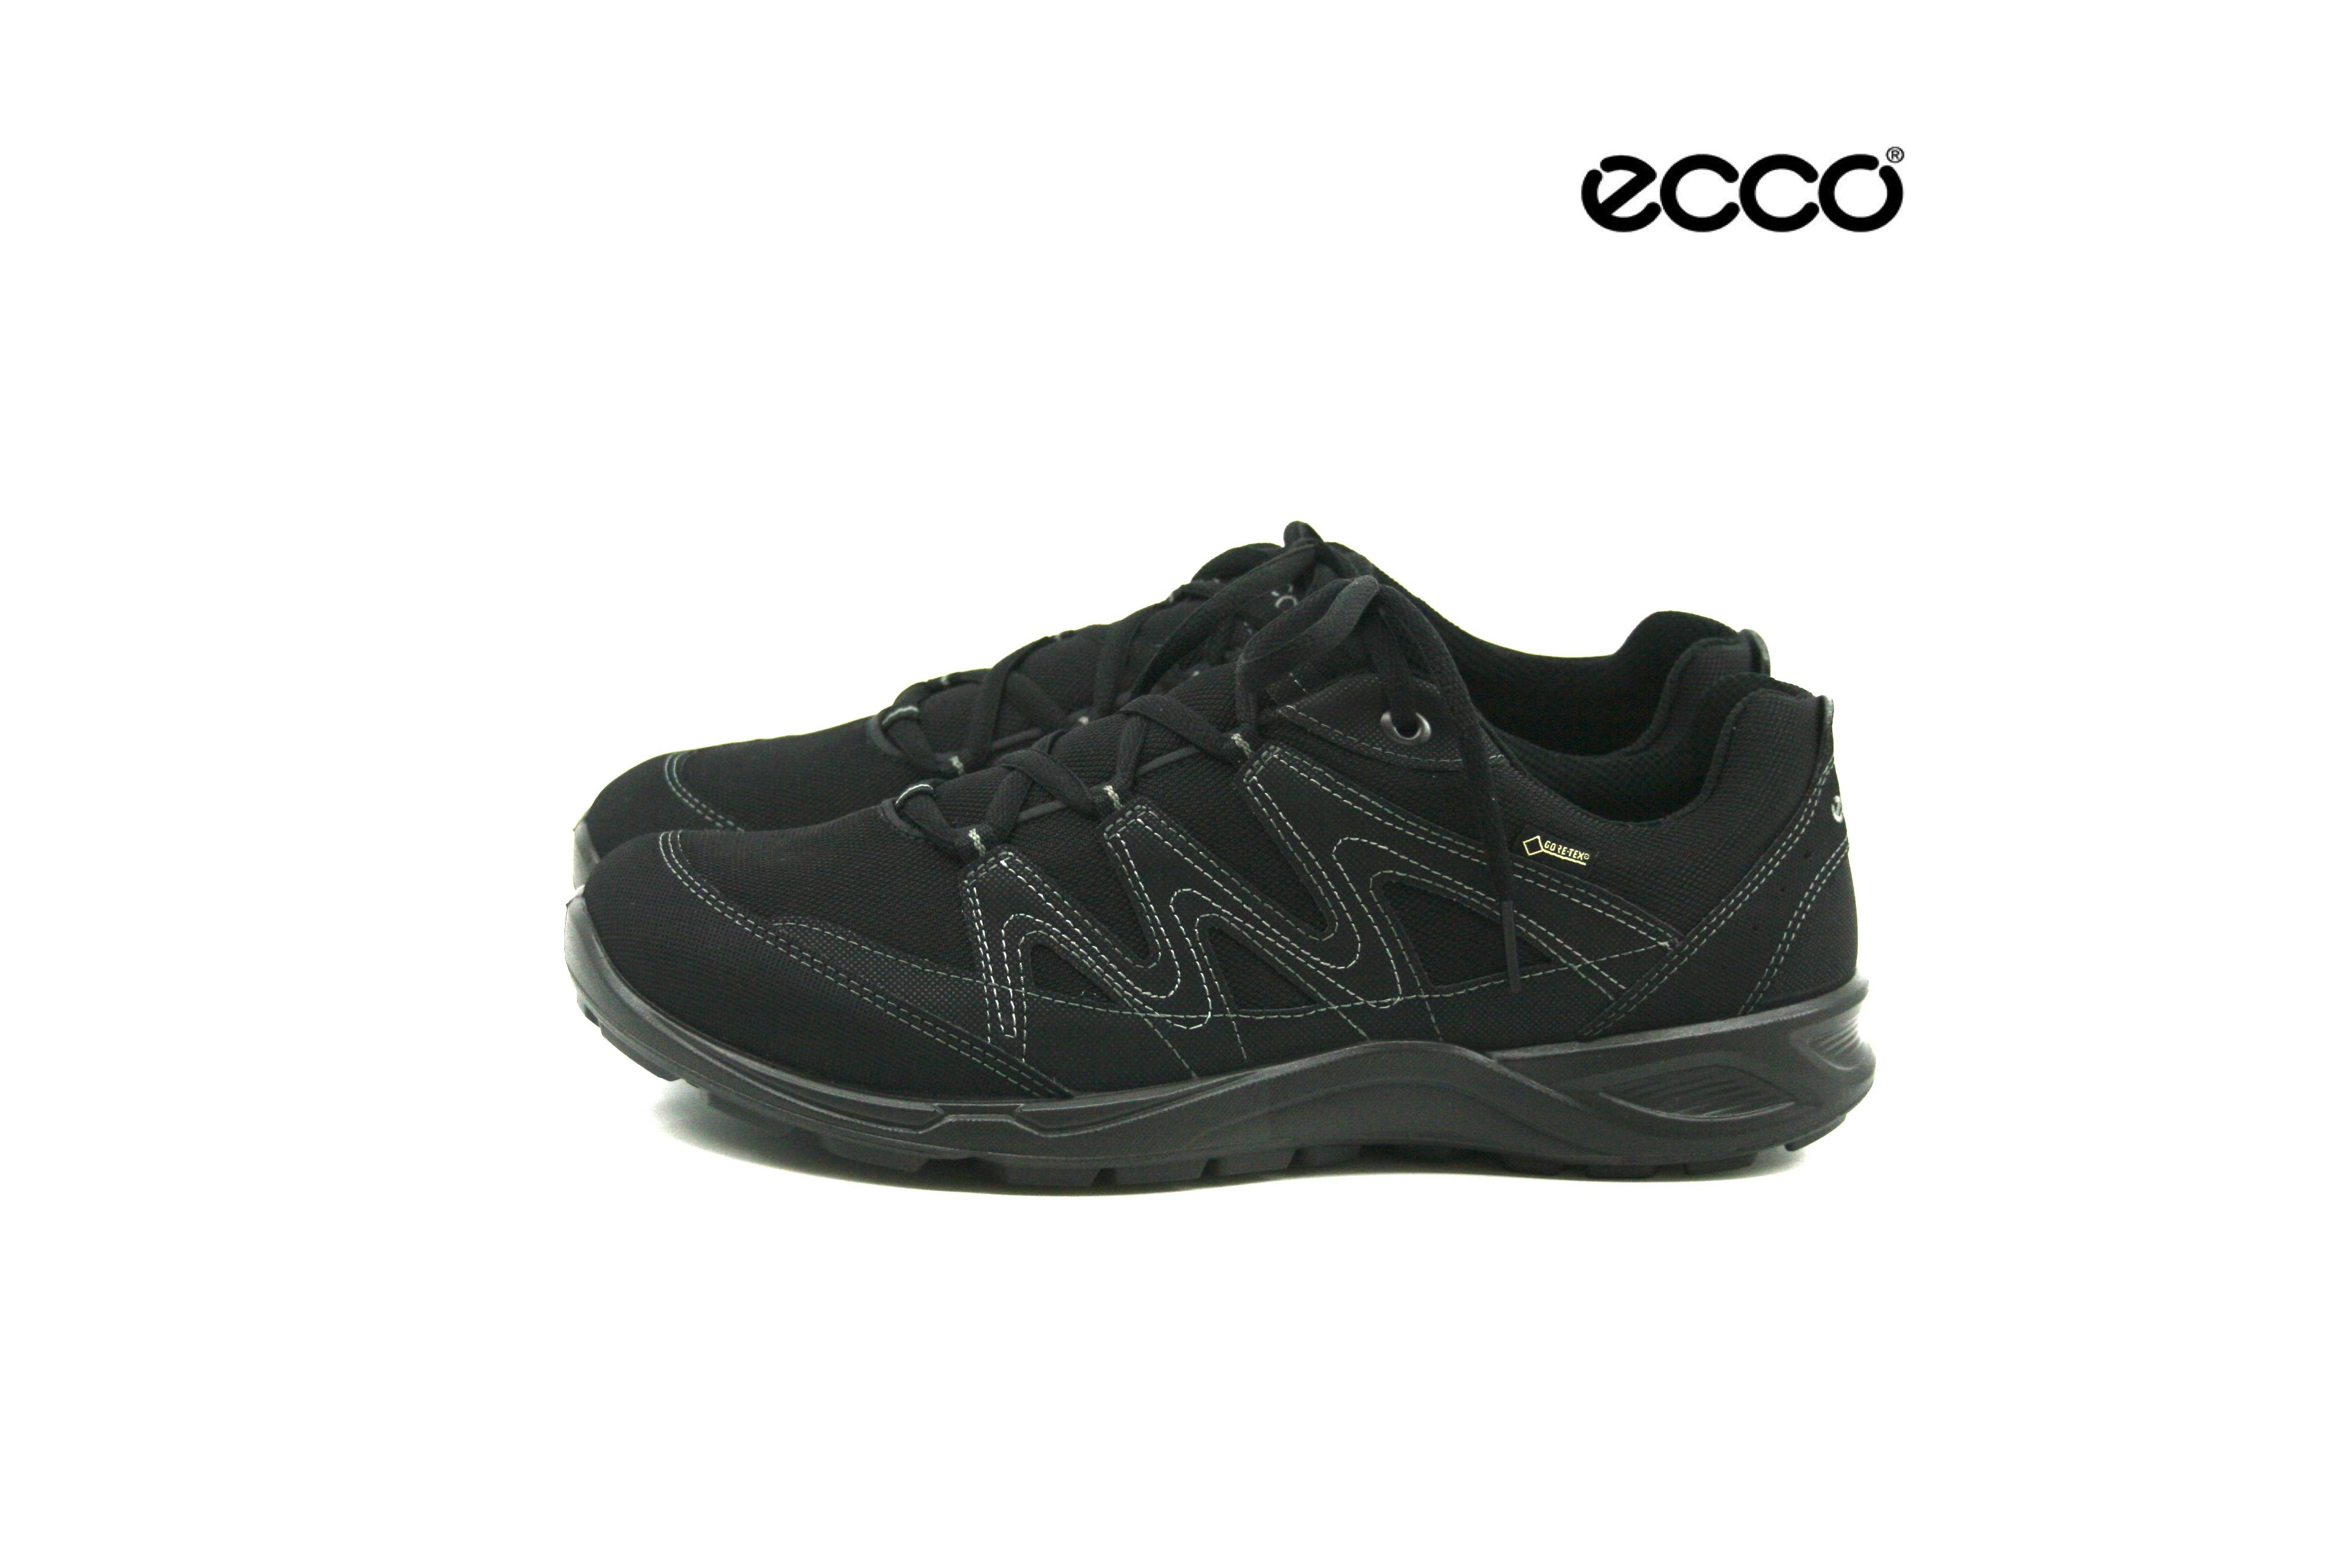 6e996de2d93 Damkjaer Sko Online Shop - Ecco Herre GoreTex Sko - 825754